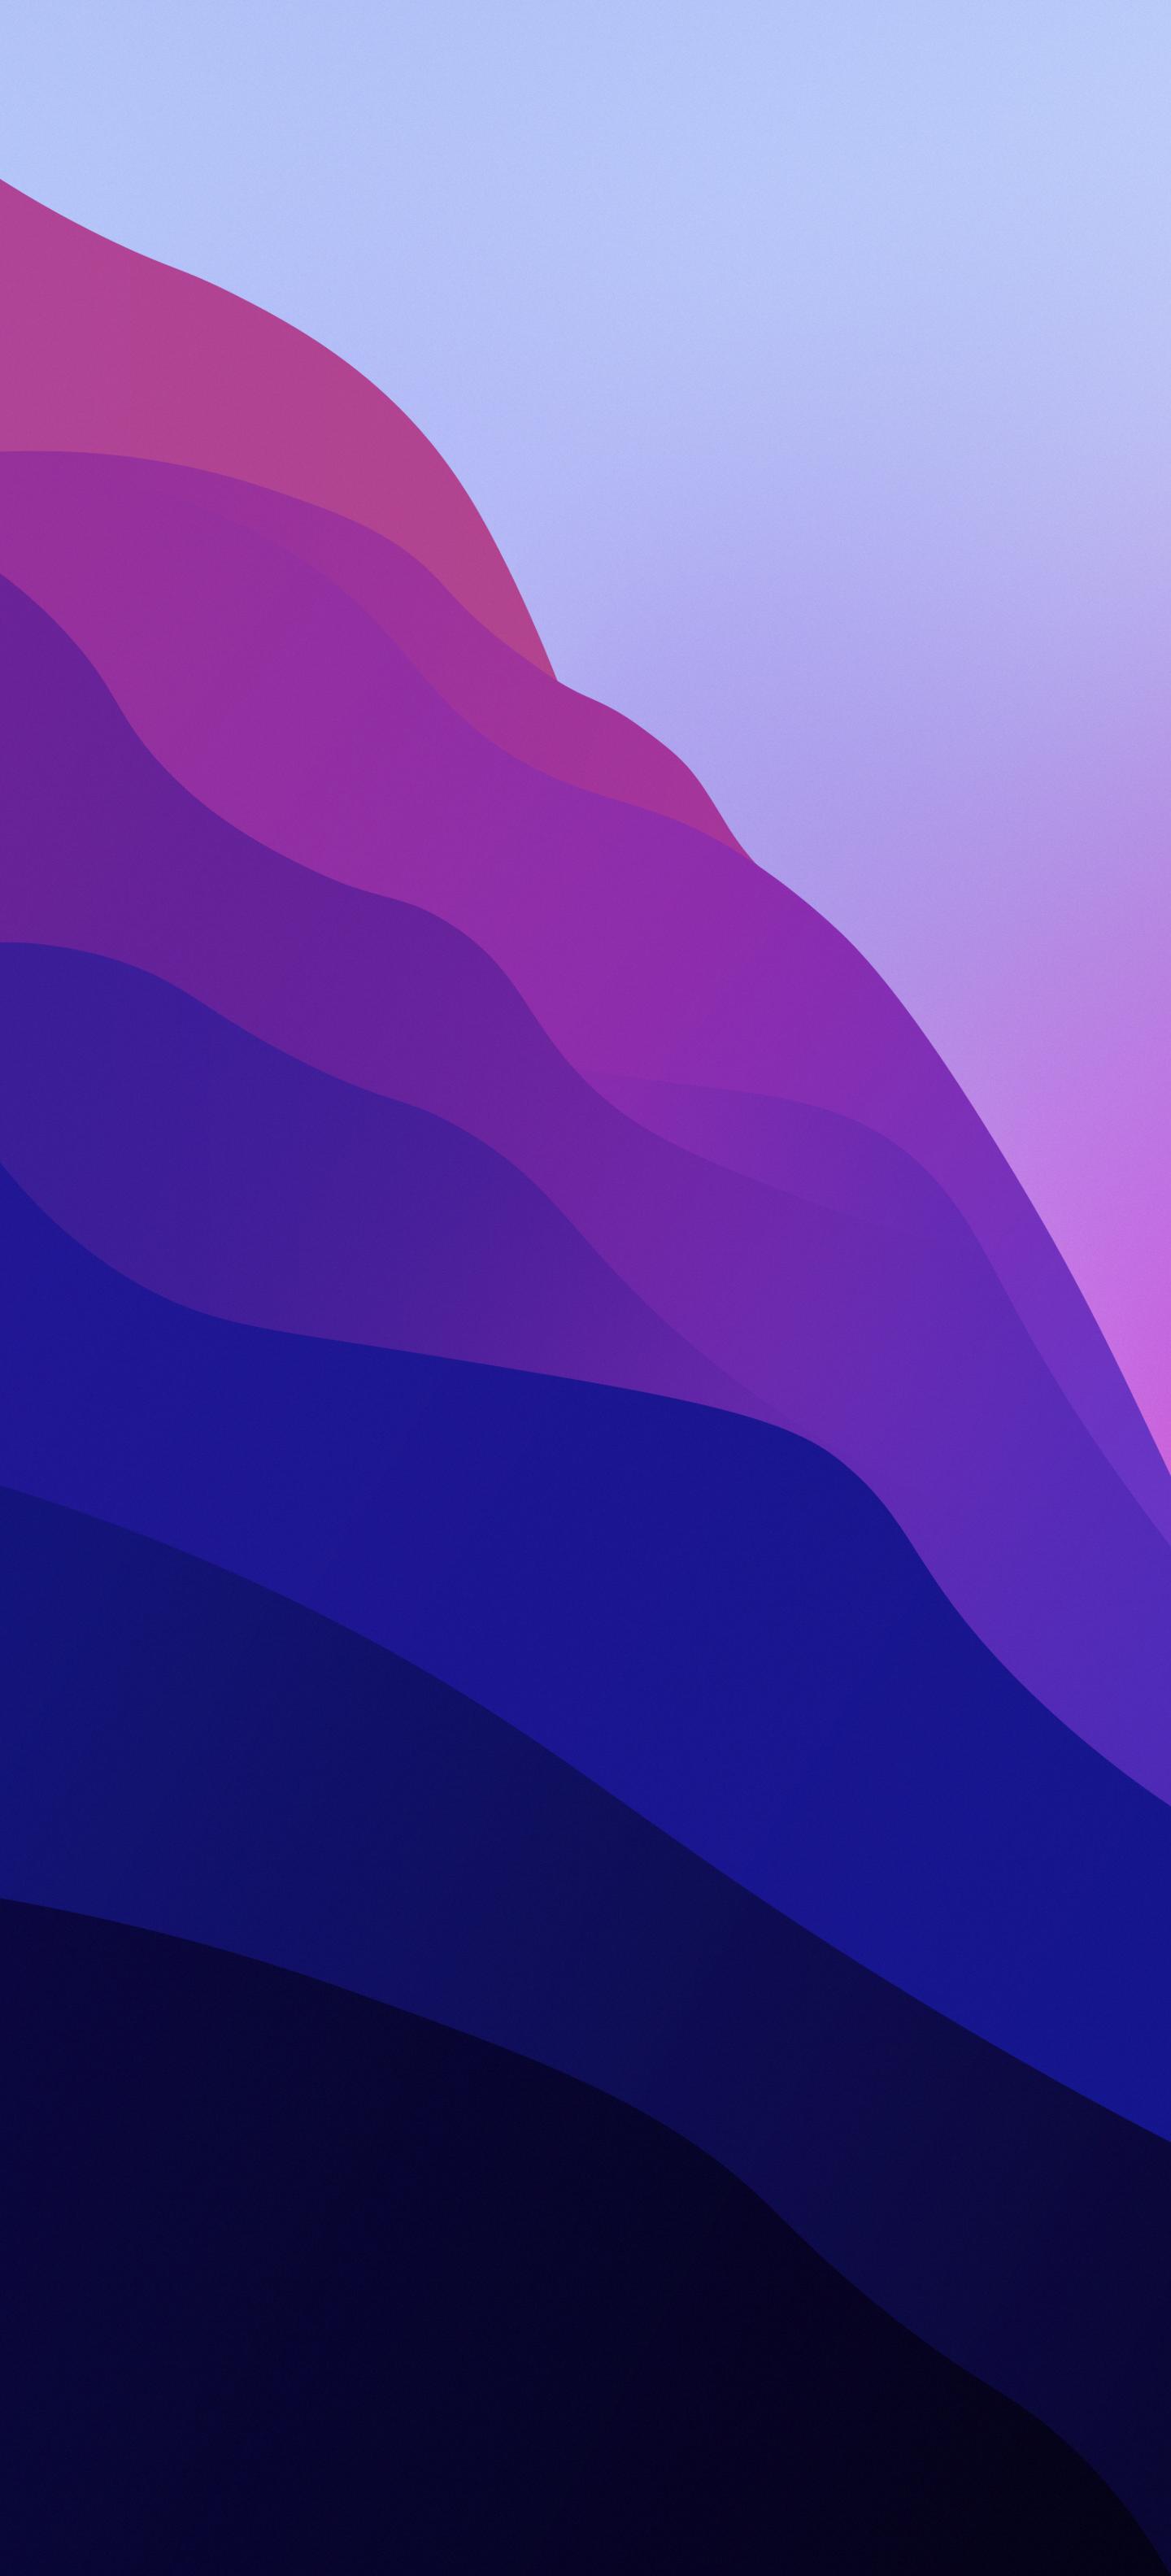 Sforum - Trang thông tin công nghệ mới nhất Waves-wallpaper-Arthur1992aS-iDownloadBlog-V3 Mời bạn tải về bộ hình nền iPhone theo chủ đề của macOS Monterey